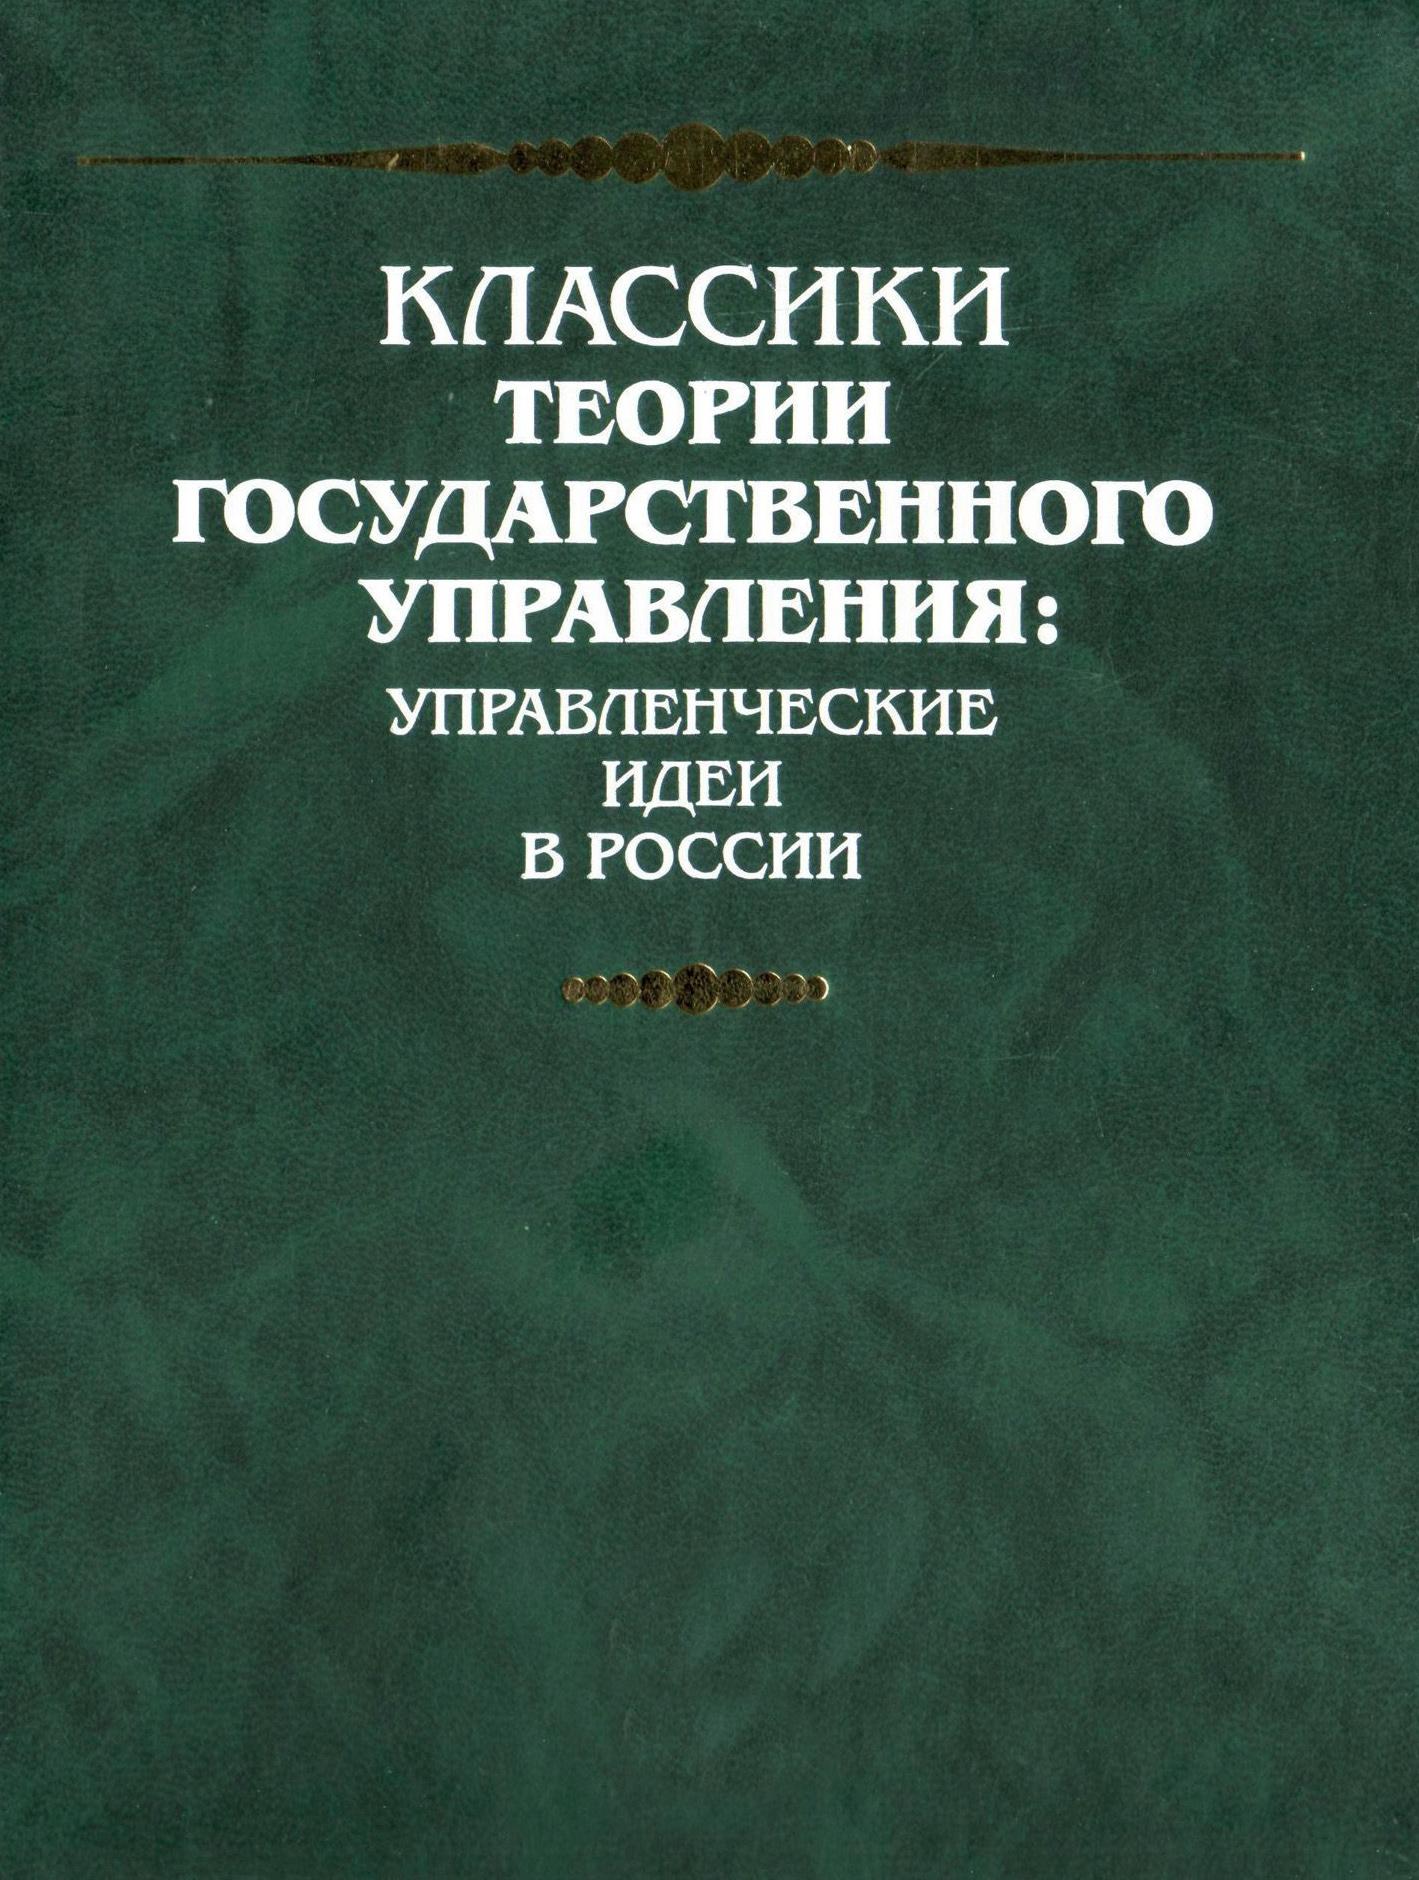 Владимир Ленин Об едином хозяйственном плане тарифный план